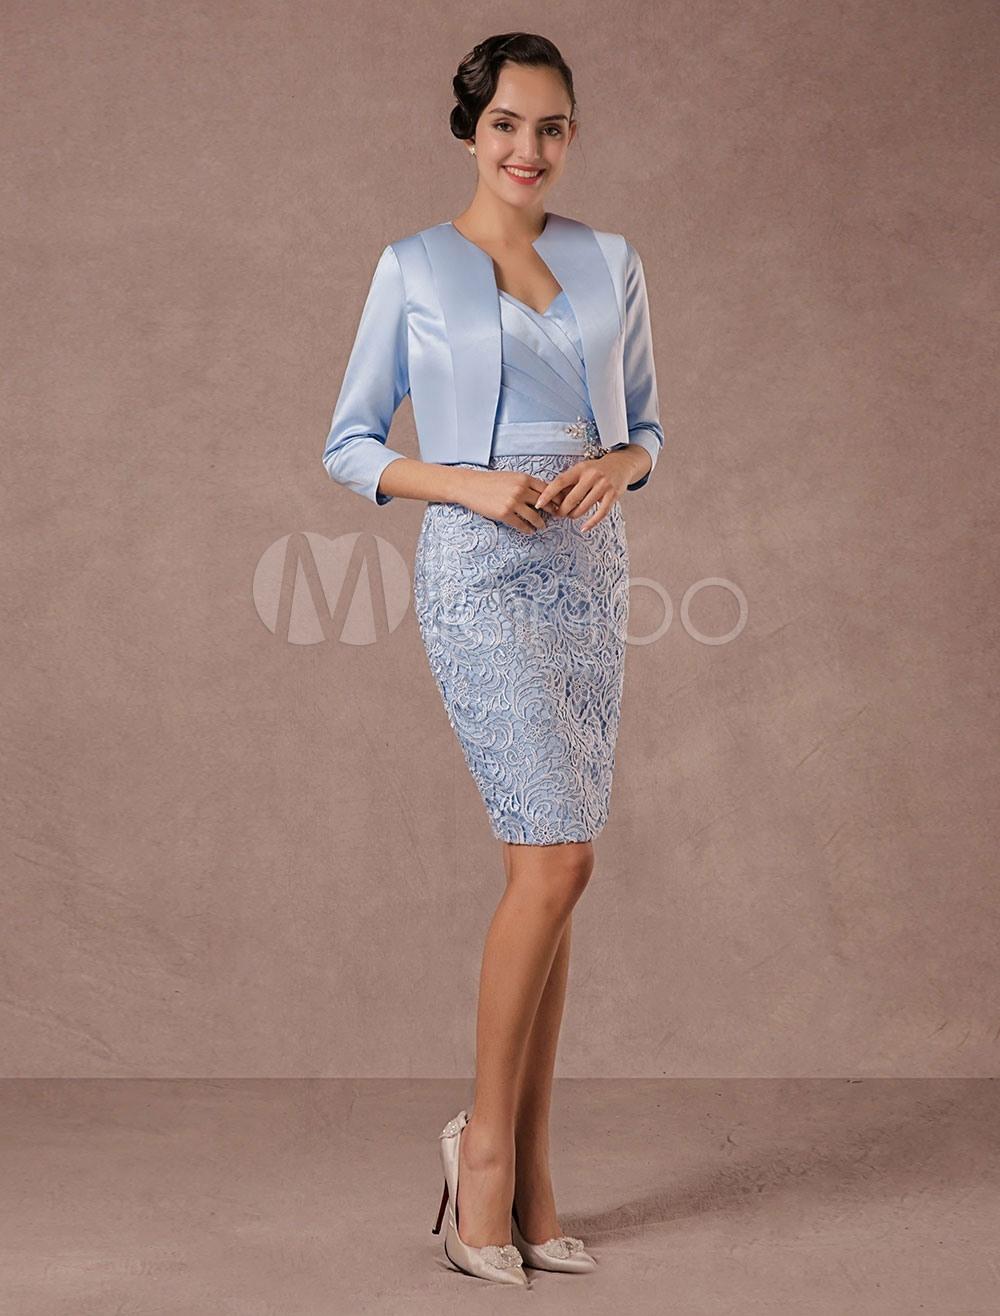 Einfach Schicke Kleider Mit Ärmel Design13 Fantastisch Schicke Kleider Mit Ärmel Stylish